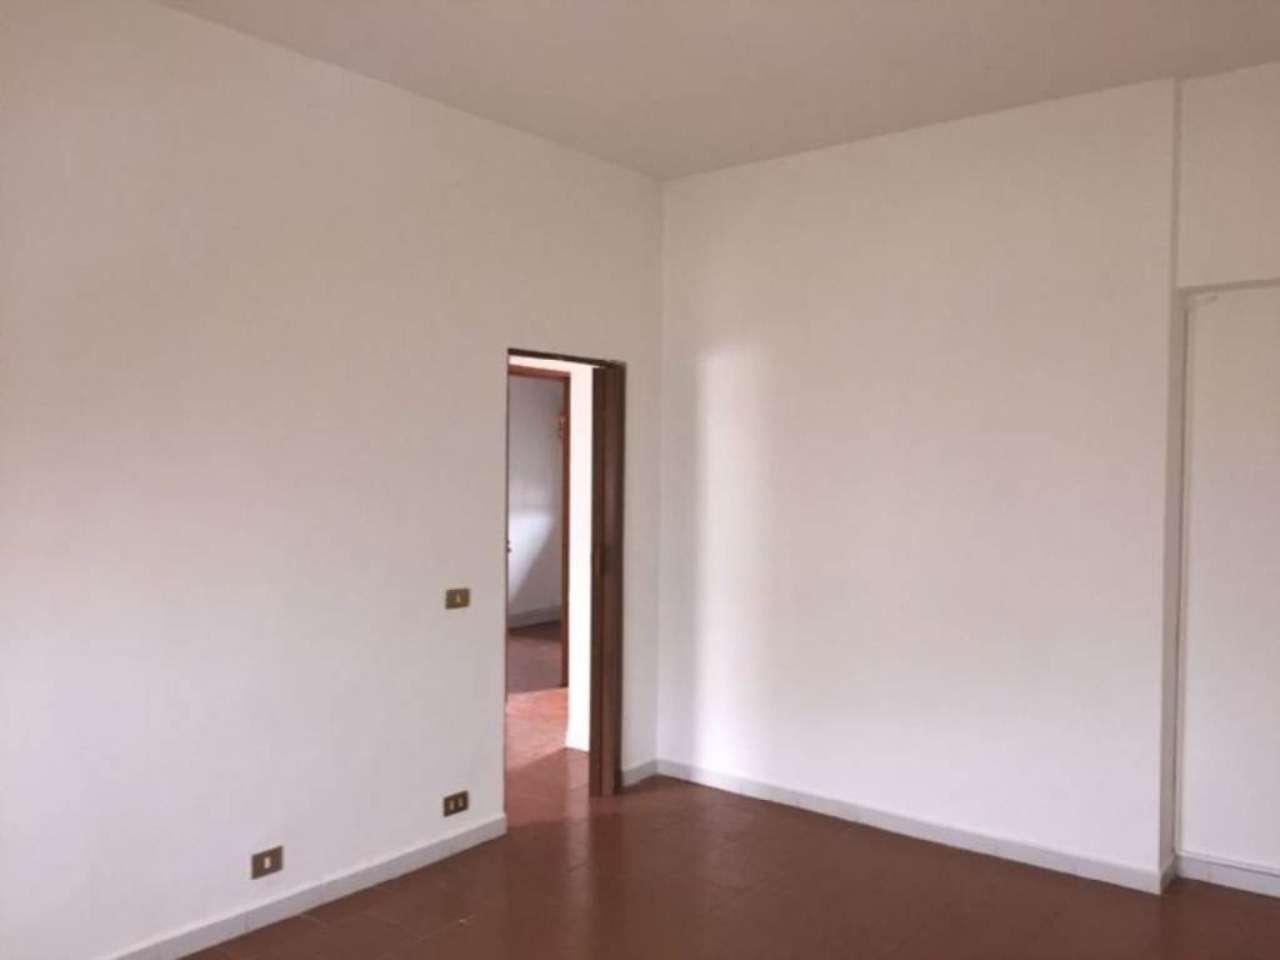 Appartamento in affitto a Truccazzano, 3 locali, prezzo € 600 | Cambio Casa.it